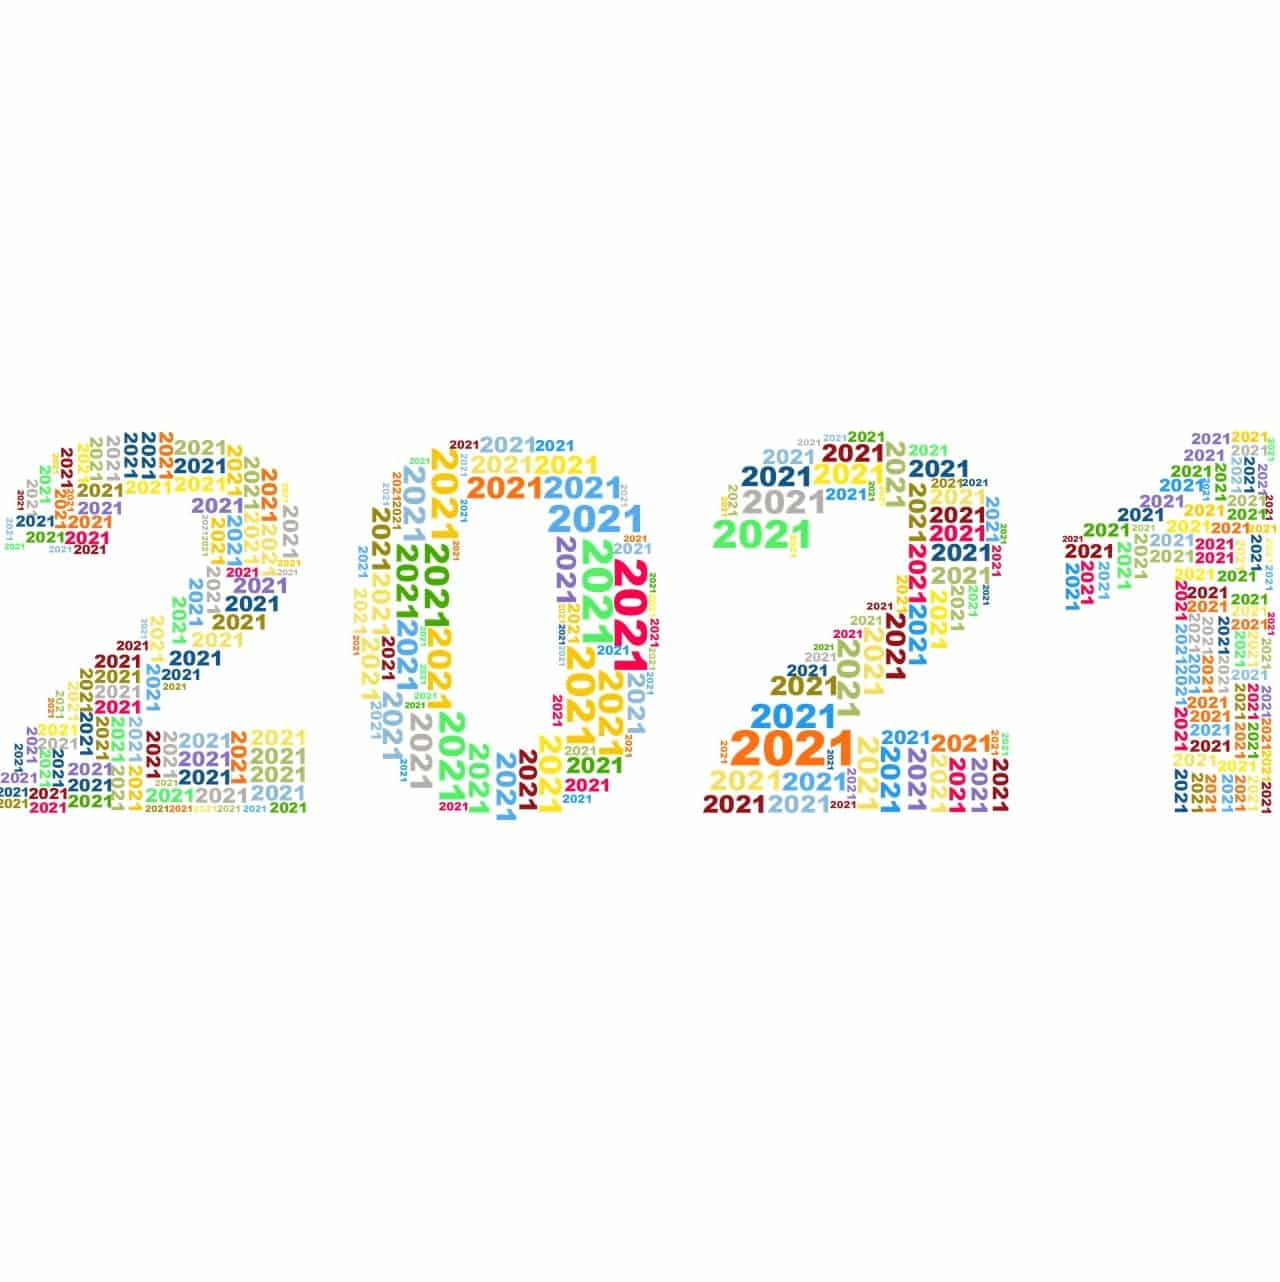 2021 Perspectivas contact center